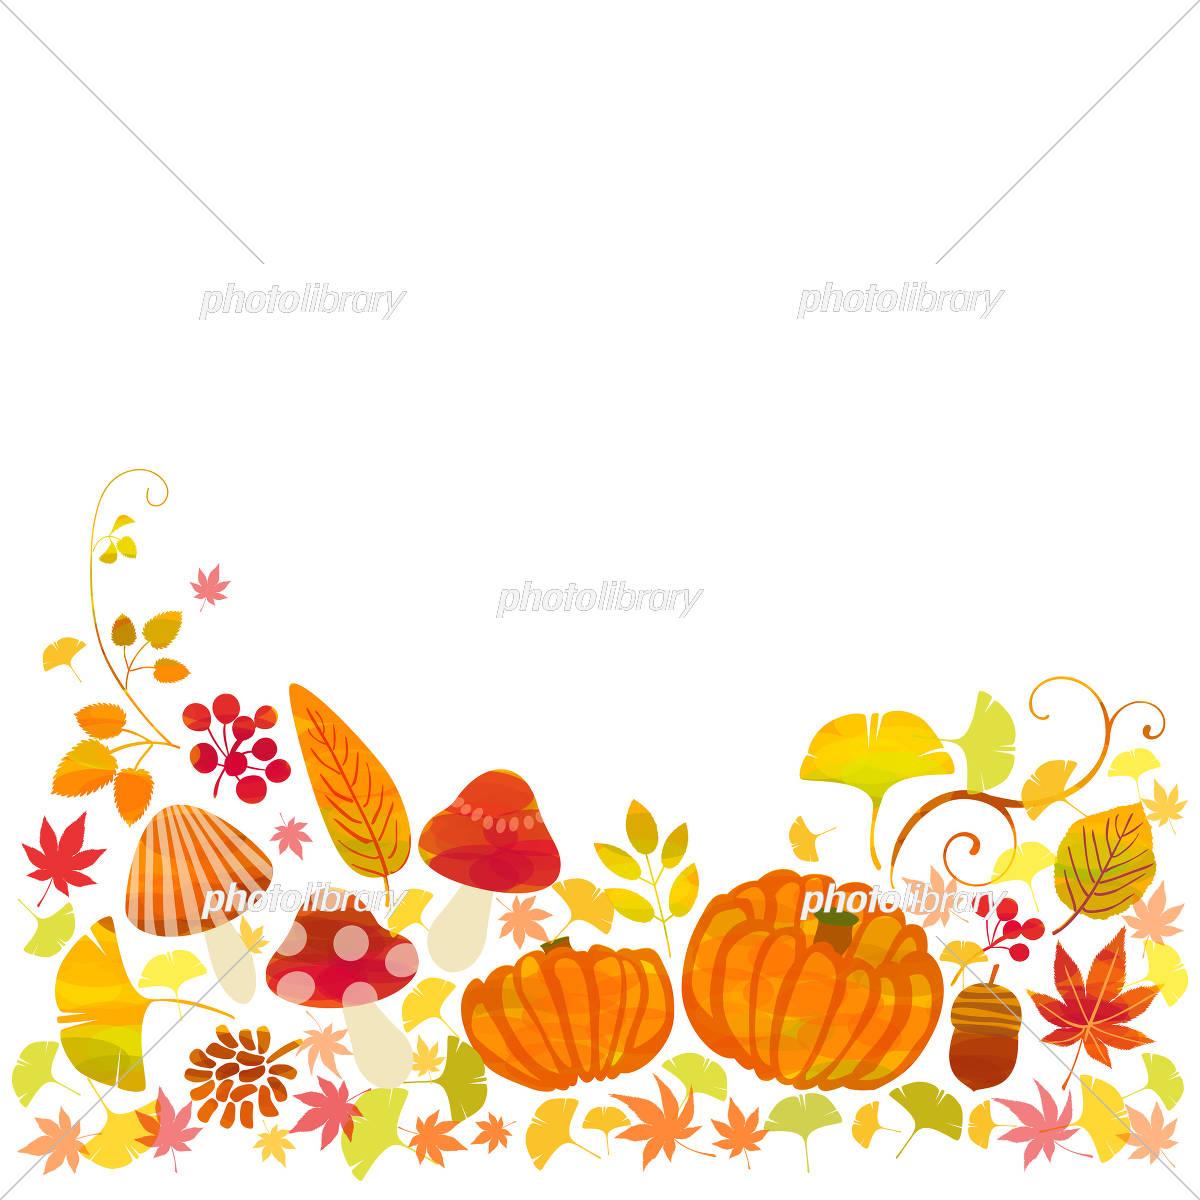 秋 かぼちゃ きのこ 紅葉 イラスト素材 [ 5211658 ] - フォトライブ